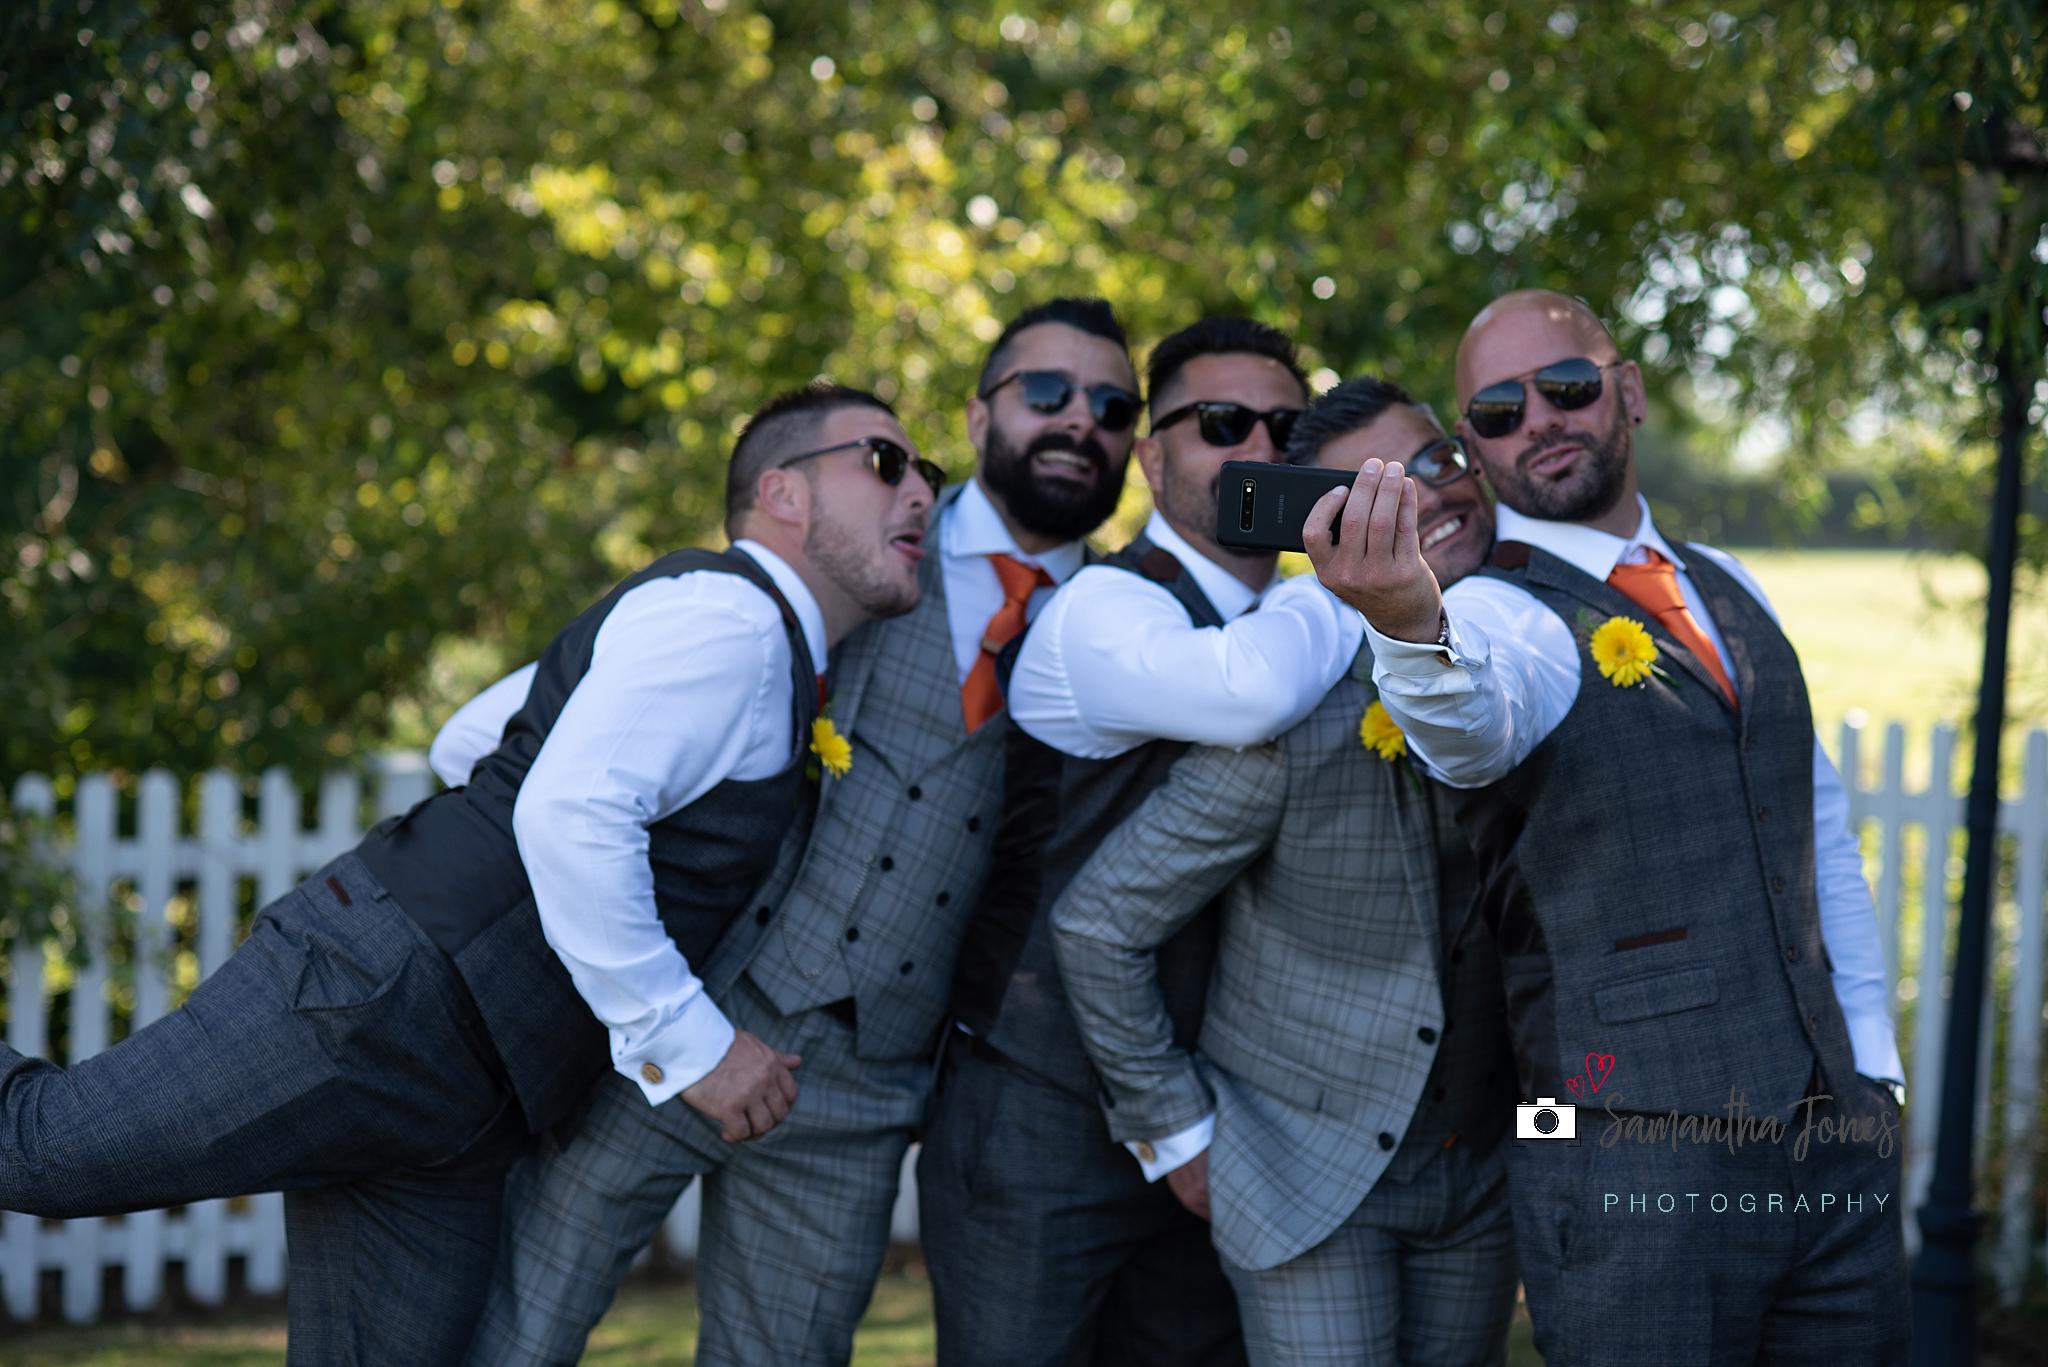 laughing groomsmen taking selfies Kent wedding at Stonelees by Samantha Jones Photography